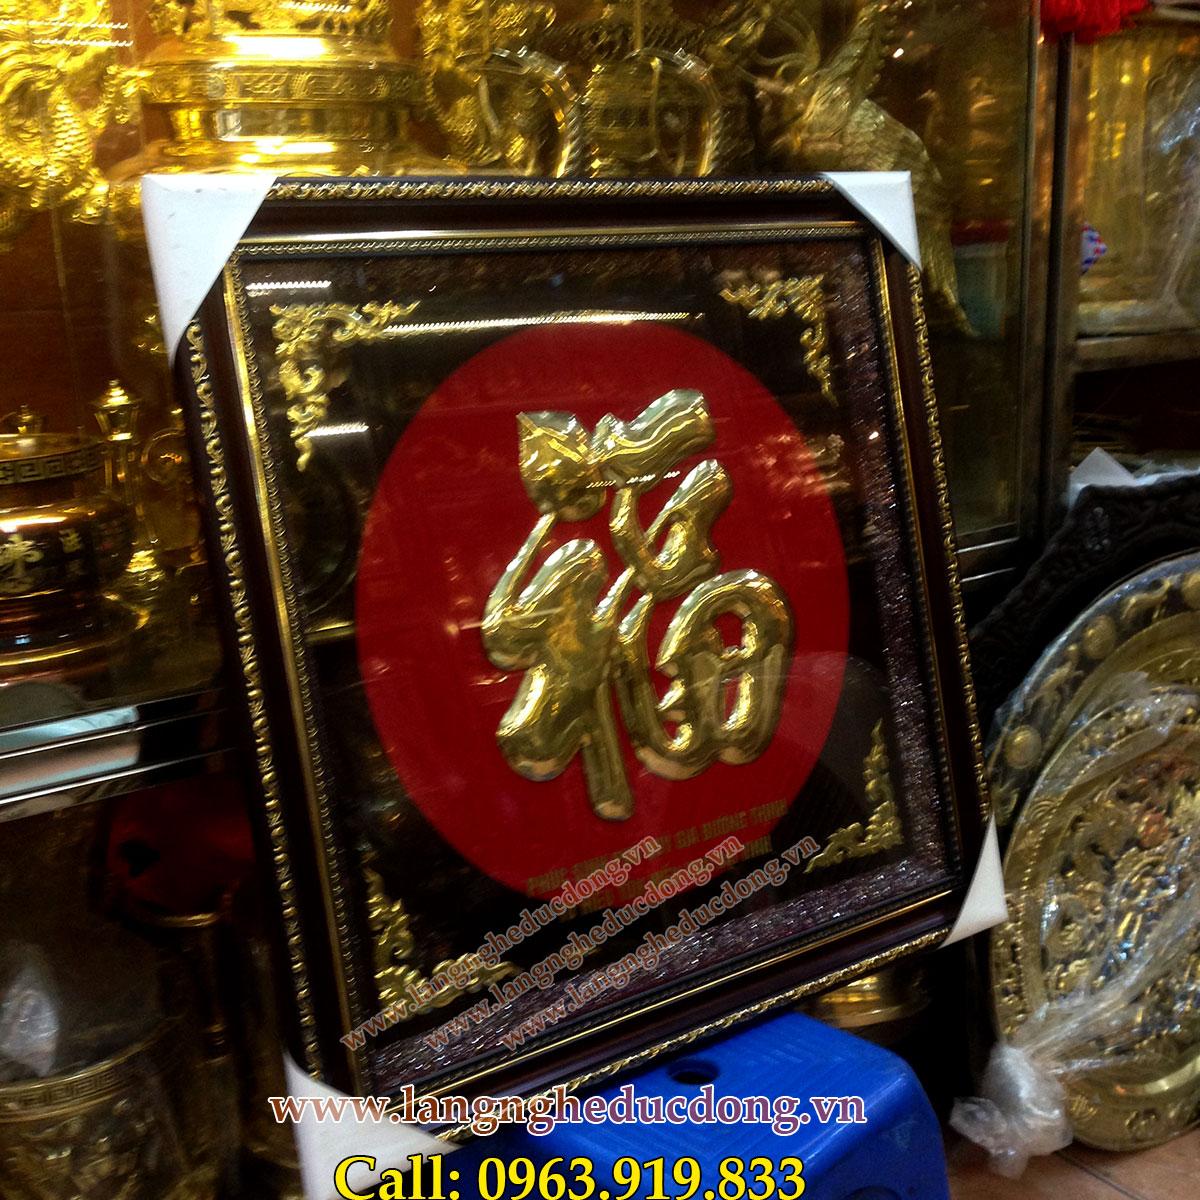 langngheducdong.vn - Chữ Phúc thư pháp, tranh chữ đồng 57cm